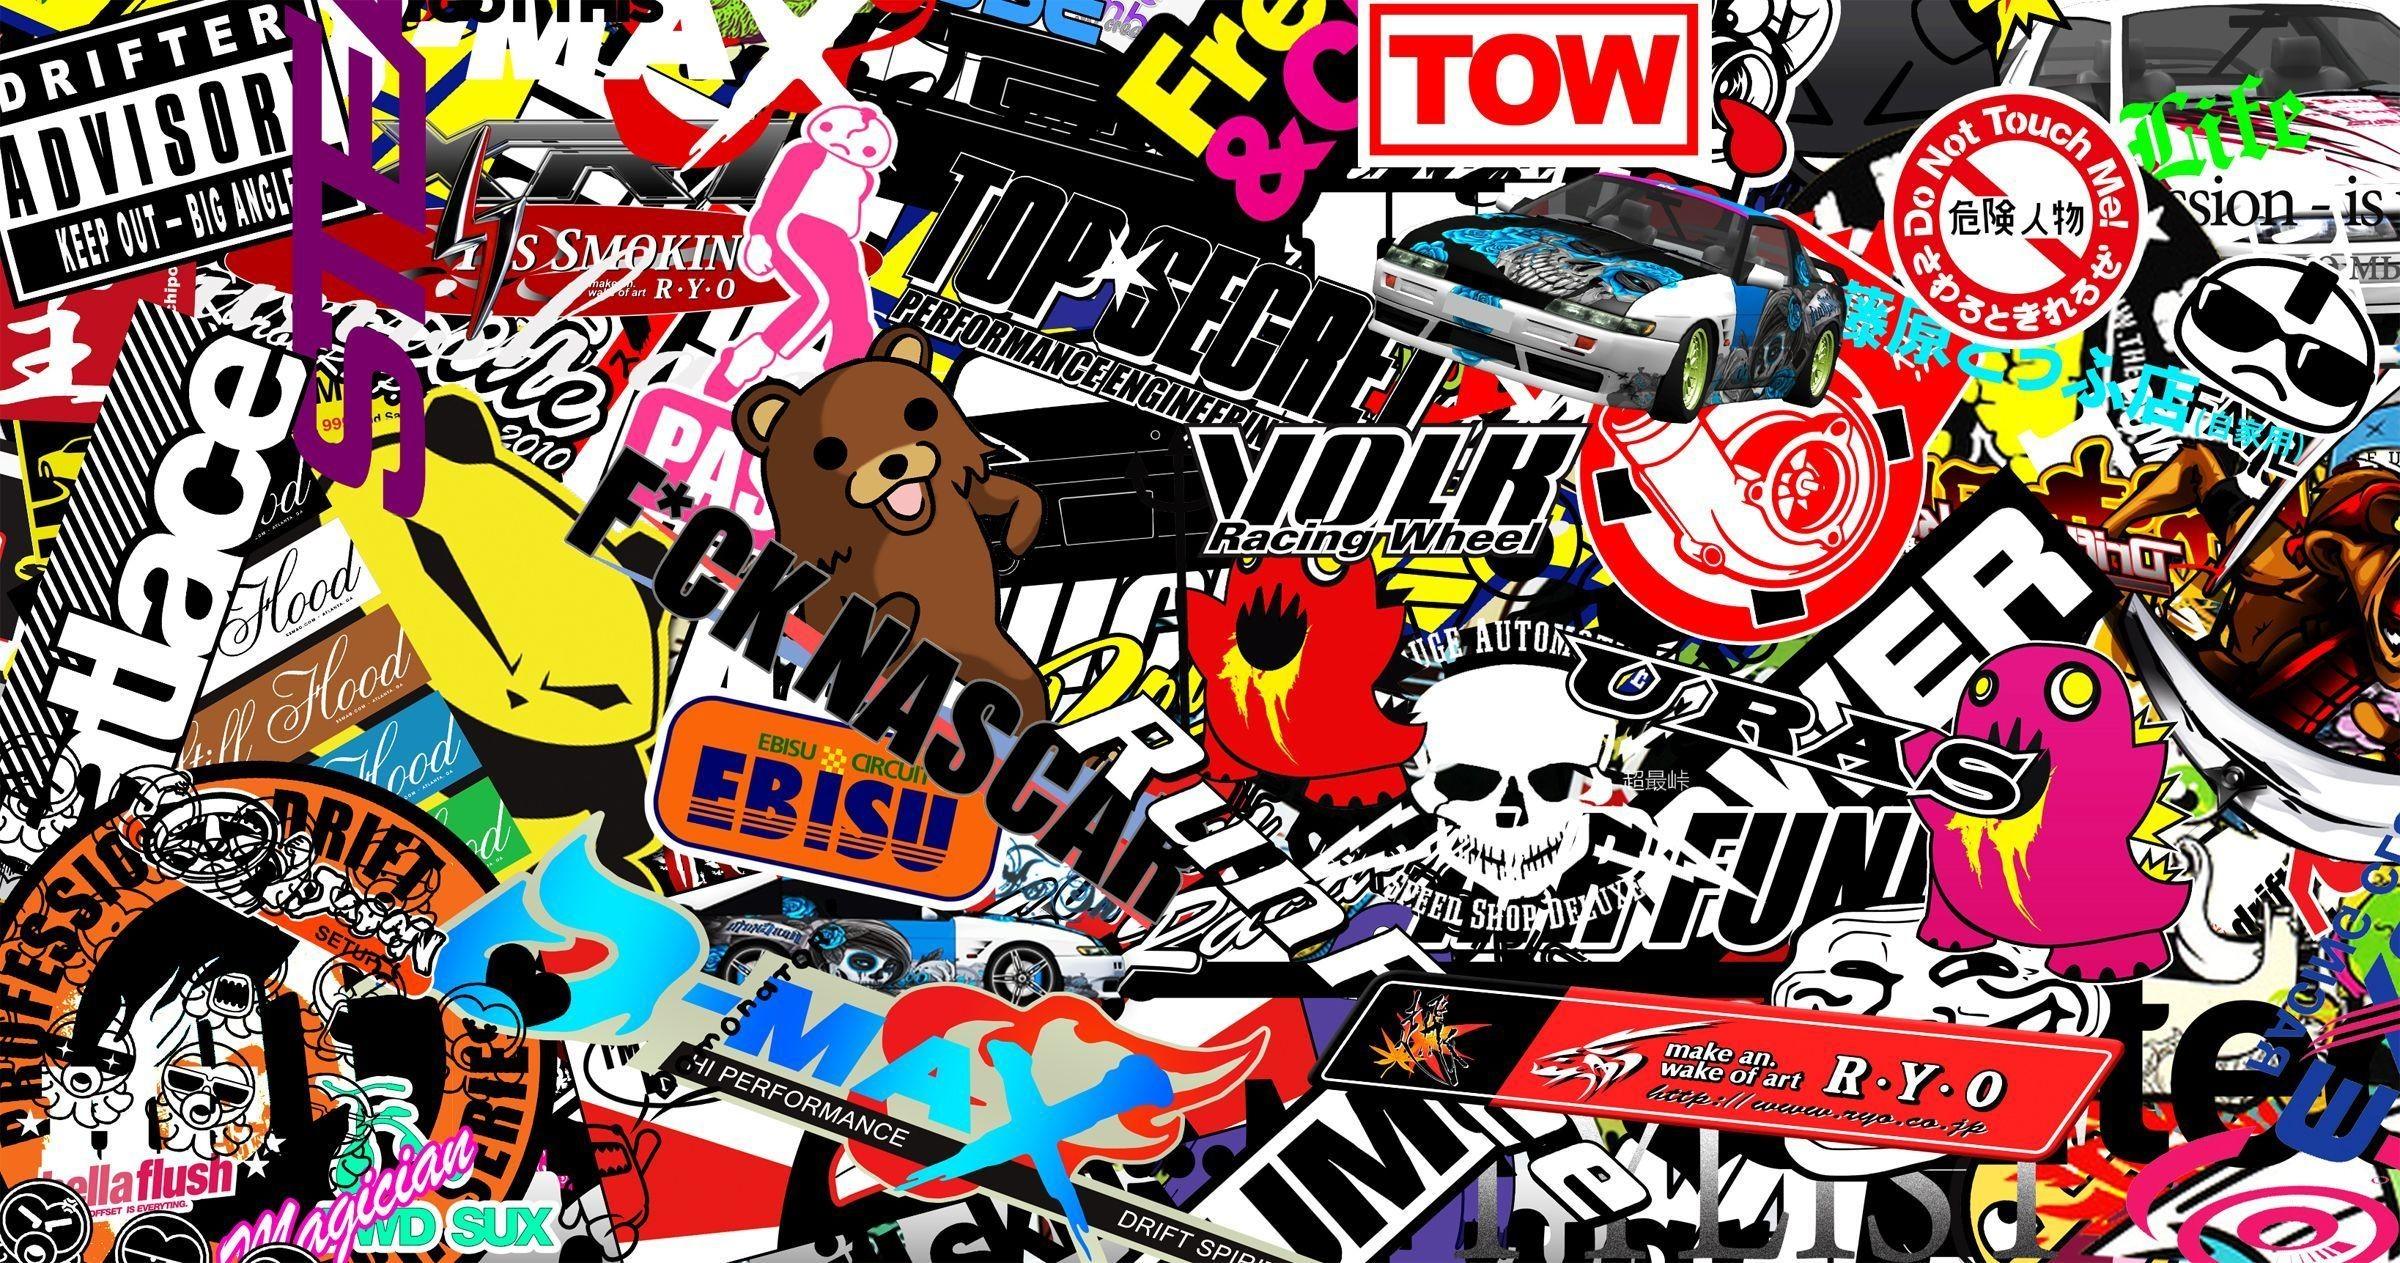 Jdm Sticker Wallpaper Hd – image #502